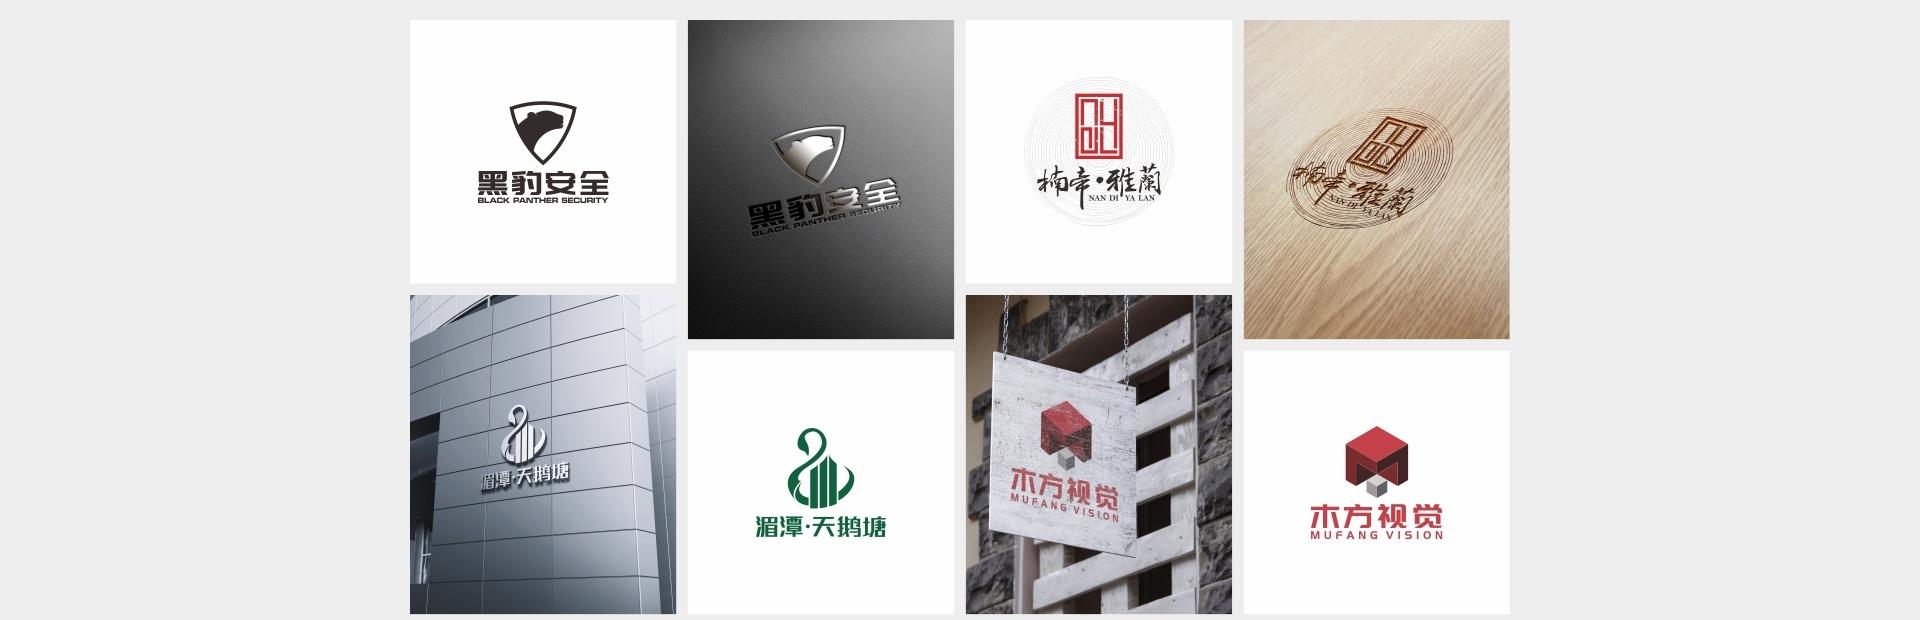 一格创意-专业品牌设计宣传公告牌